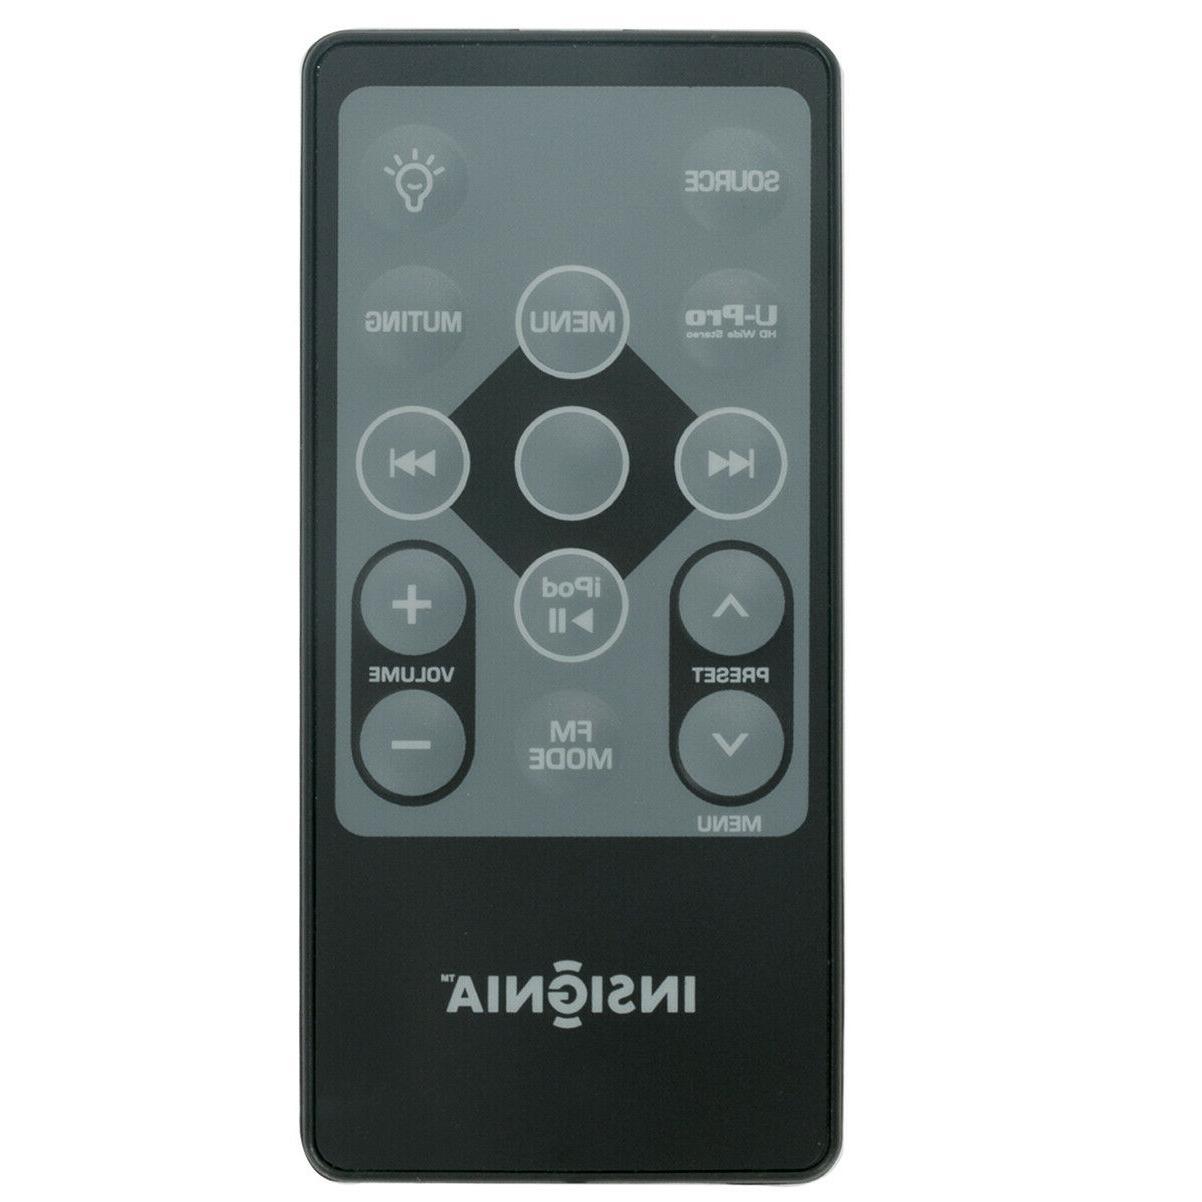 new remote control for insignia boombox ipod